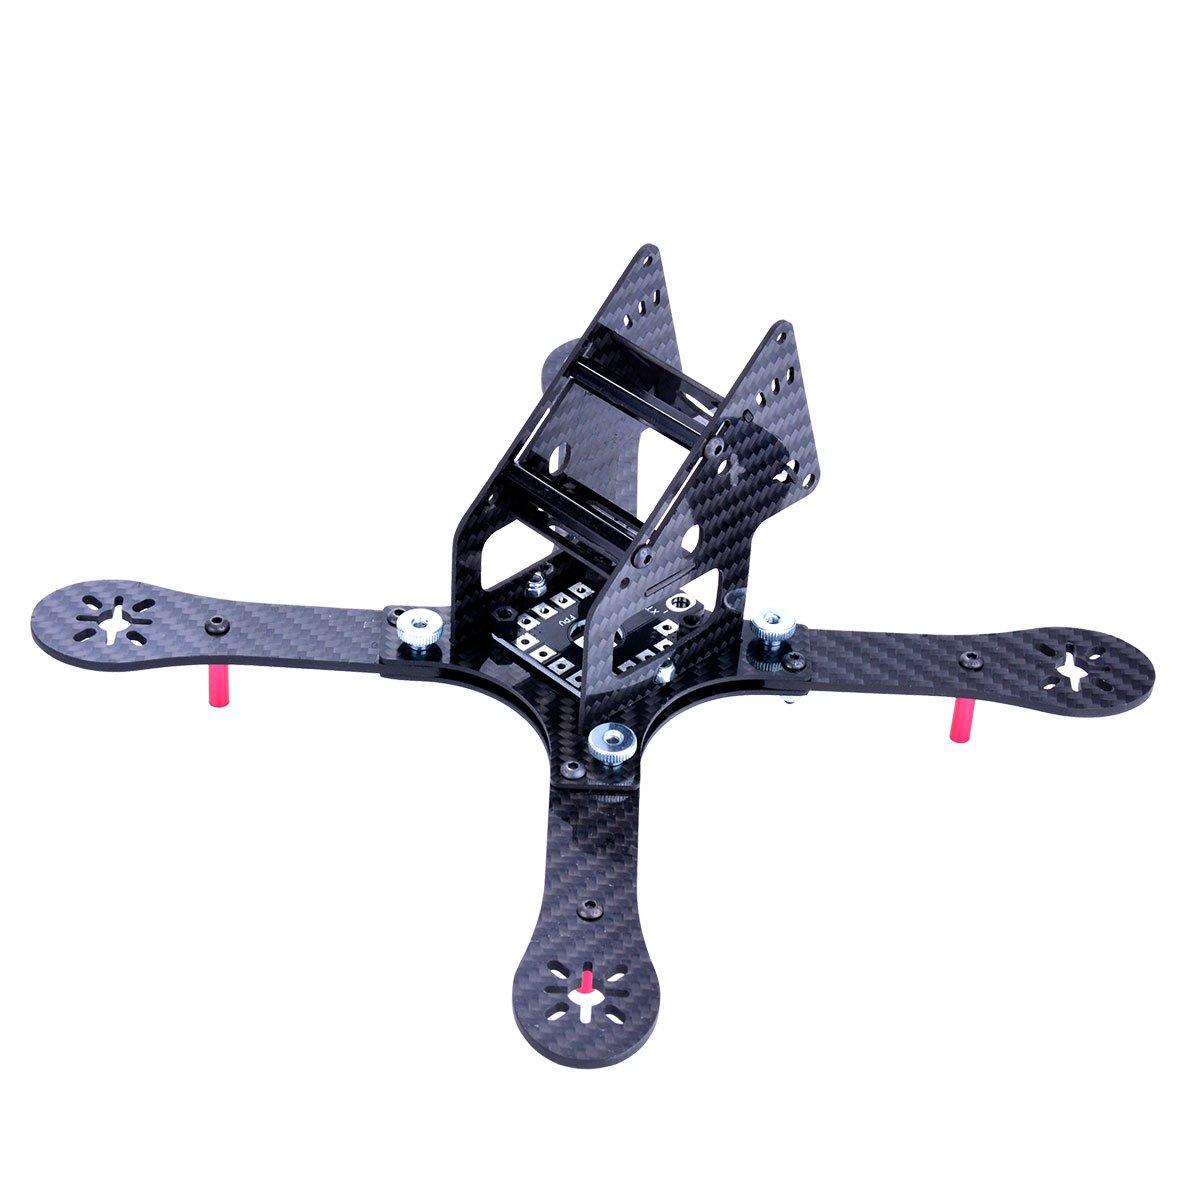 Amazon.com: GE220 RC Drone Carbon Fiber Frame Quadcopter Frame Kit ...